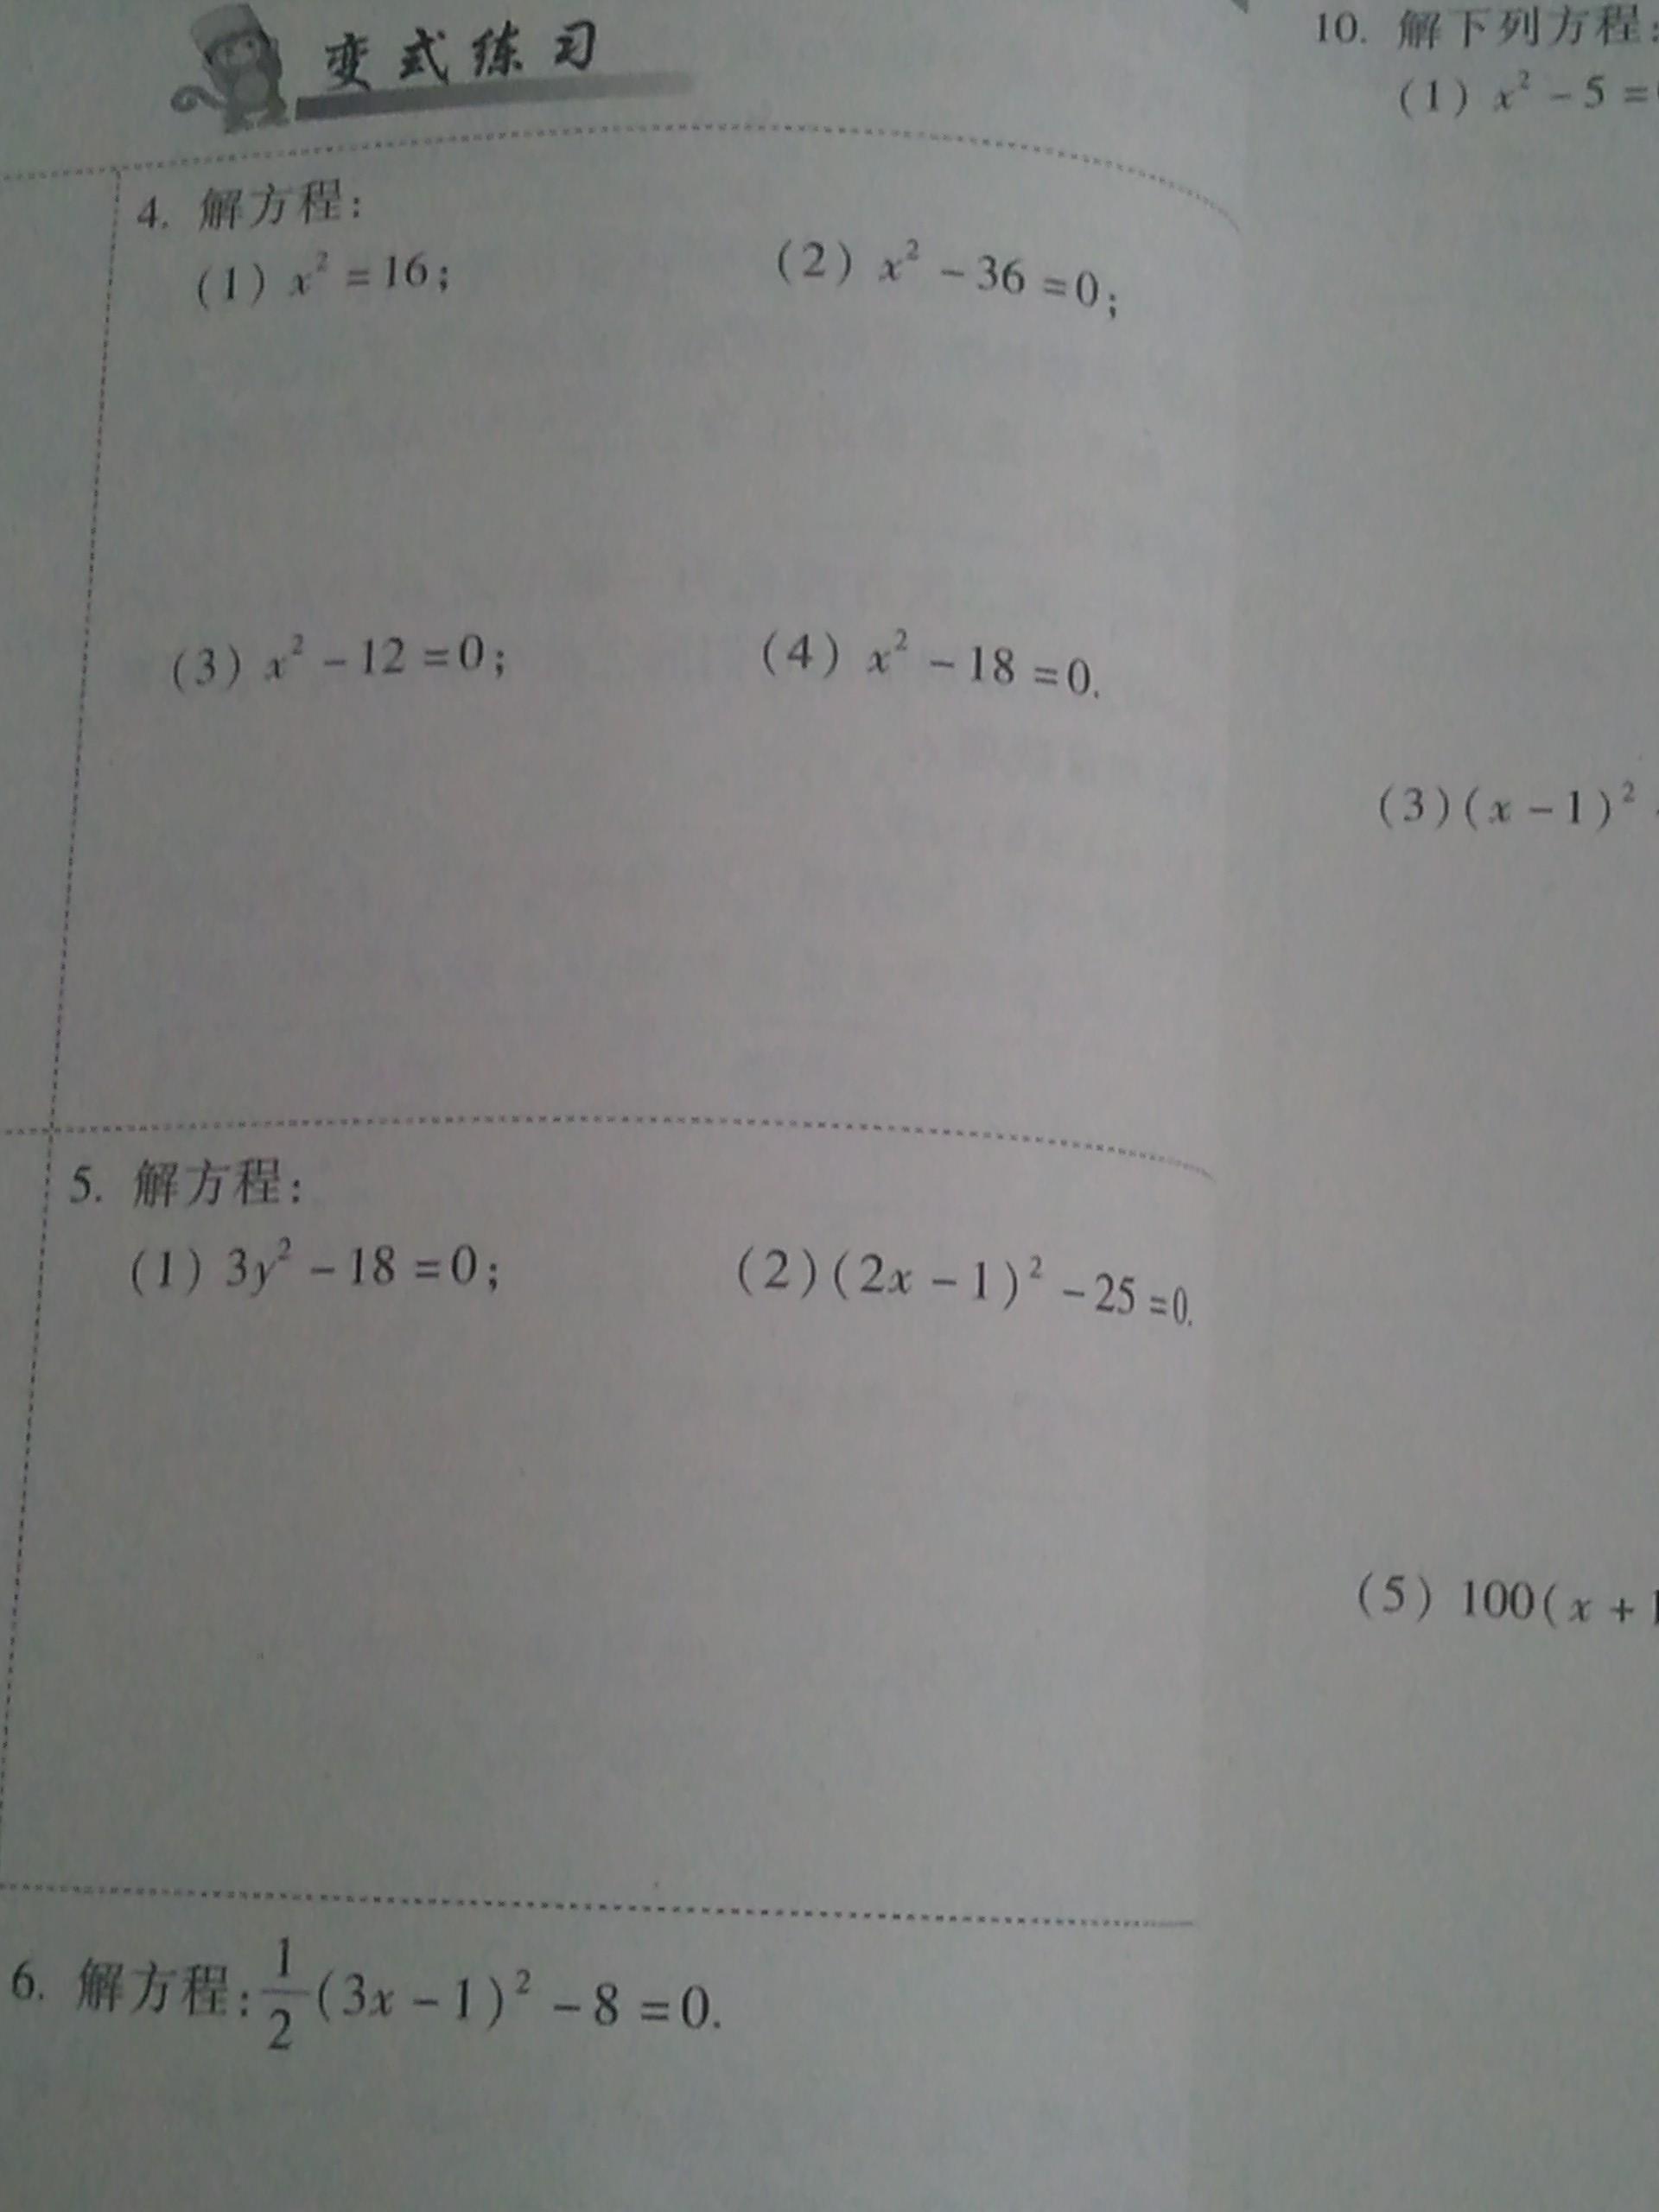 直接开平方法20题 直接开平方法计算题